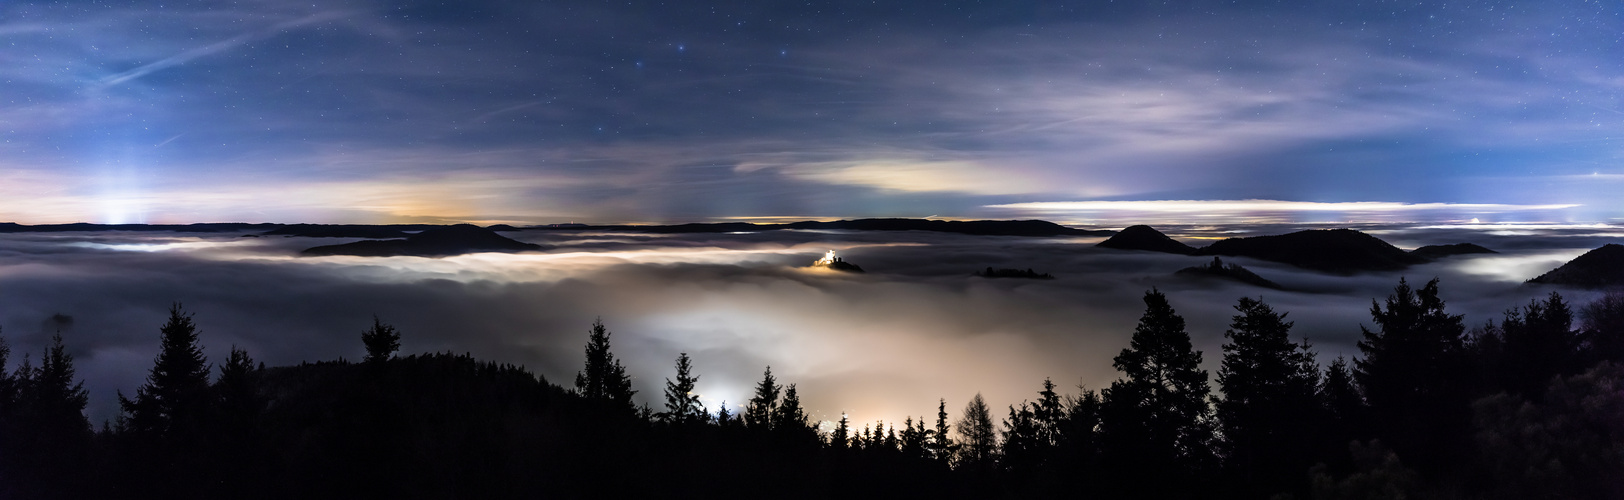 Die Nacht über dem Nebel